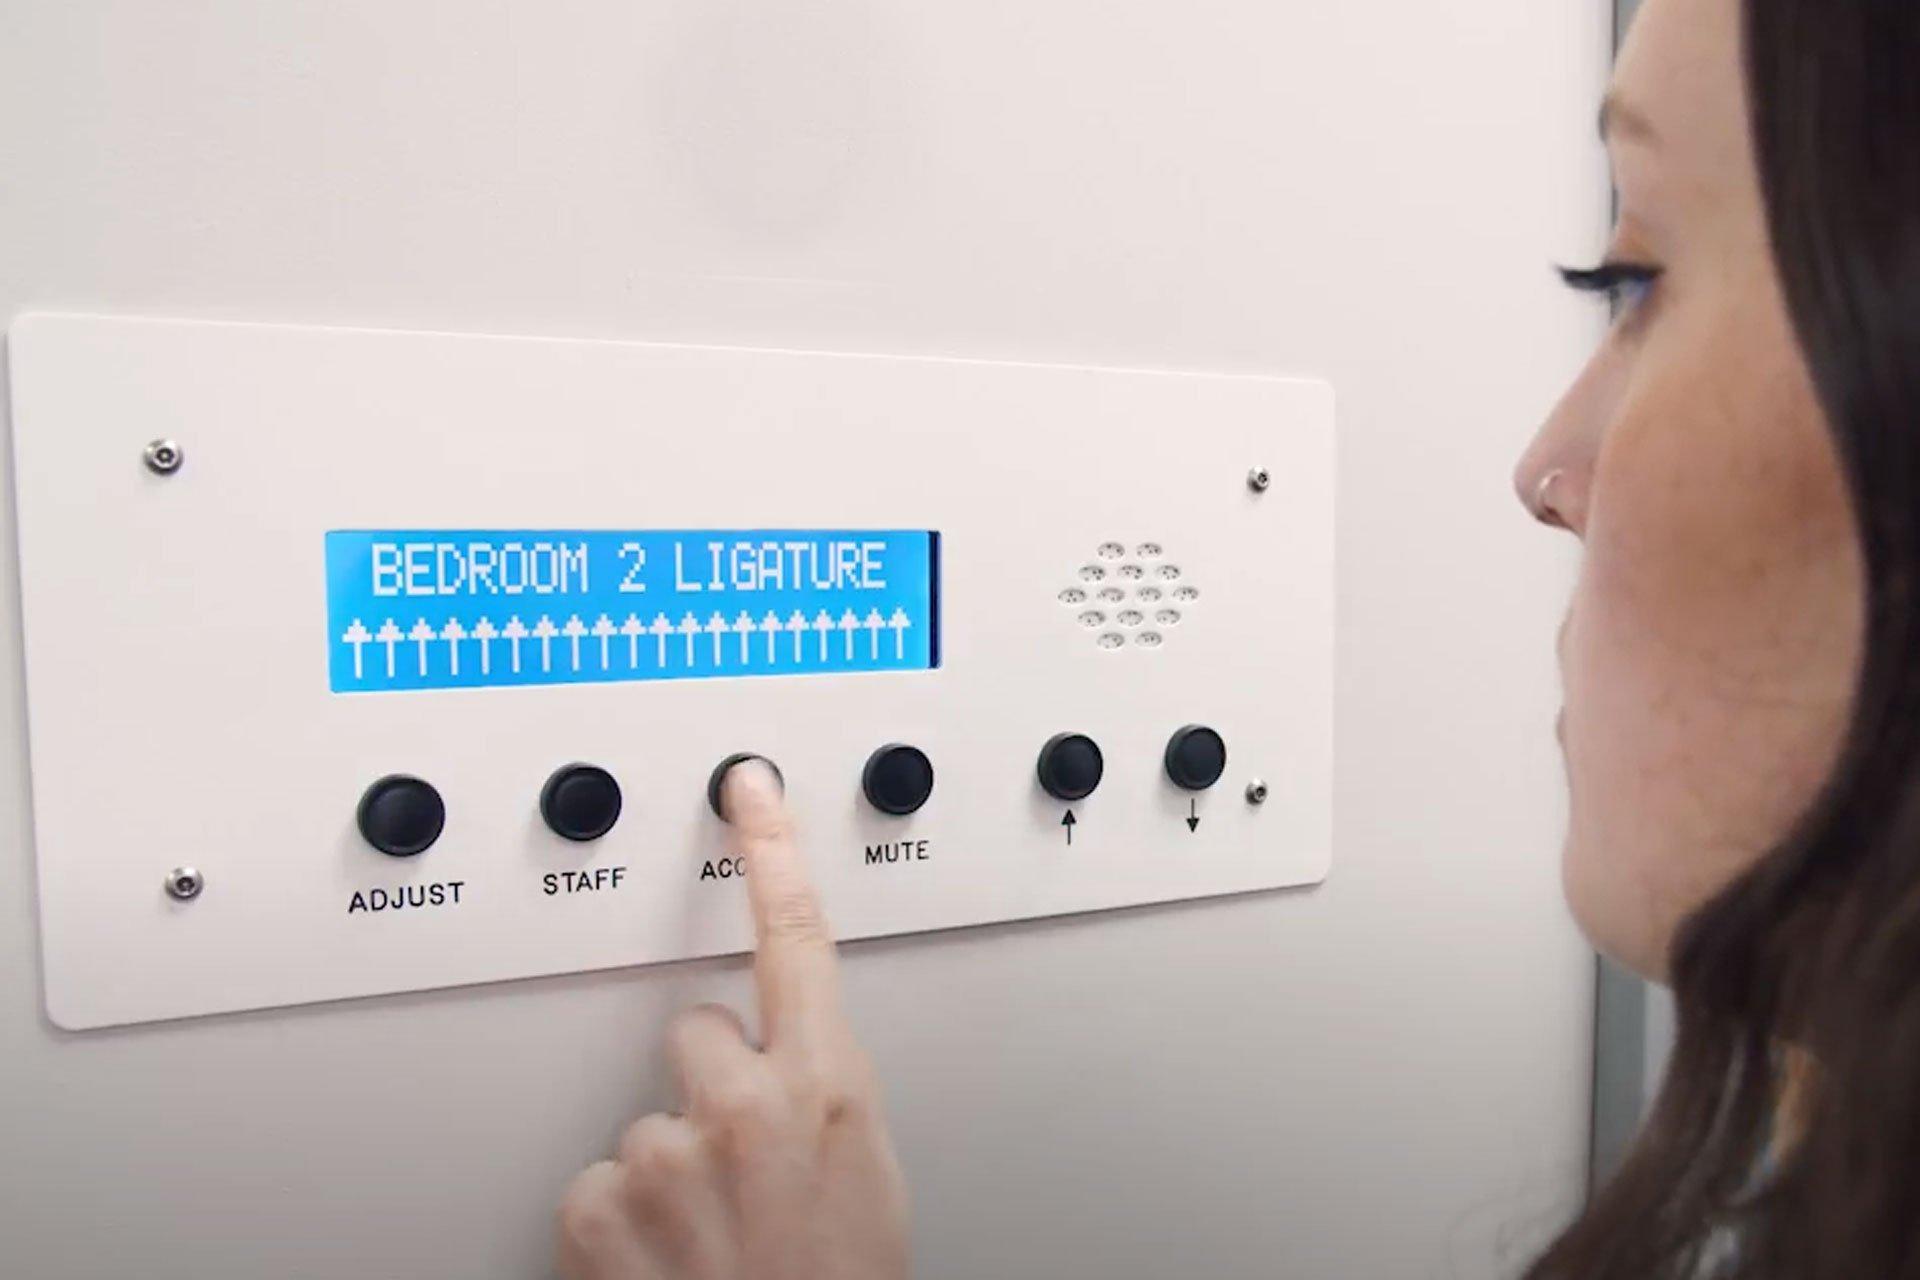 Door alarm panel